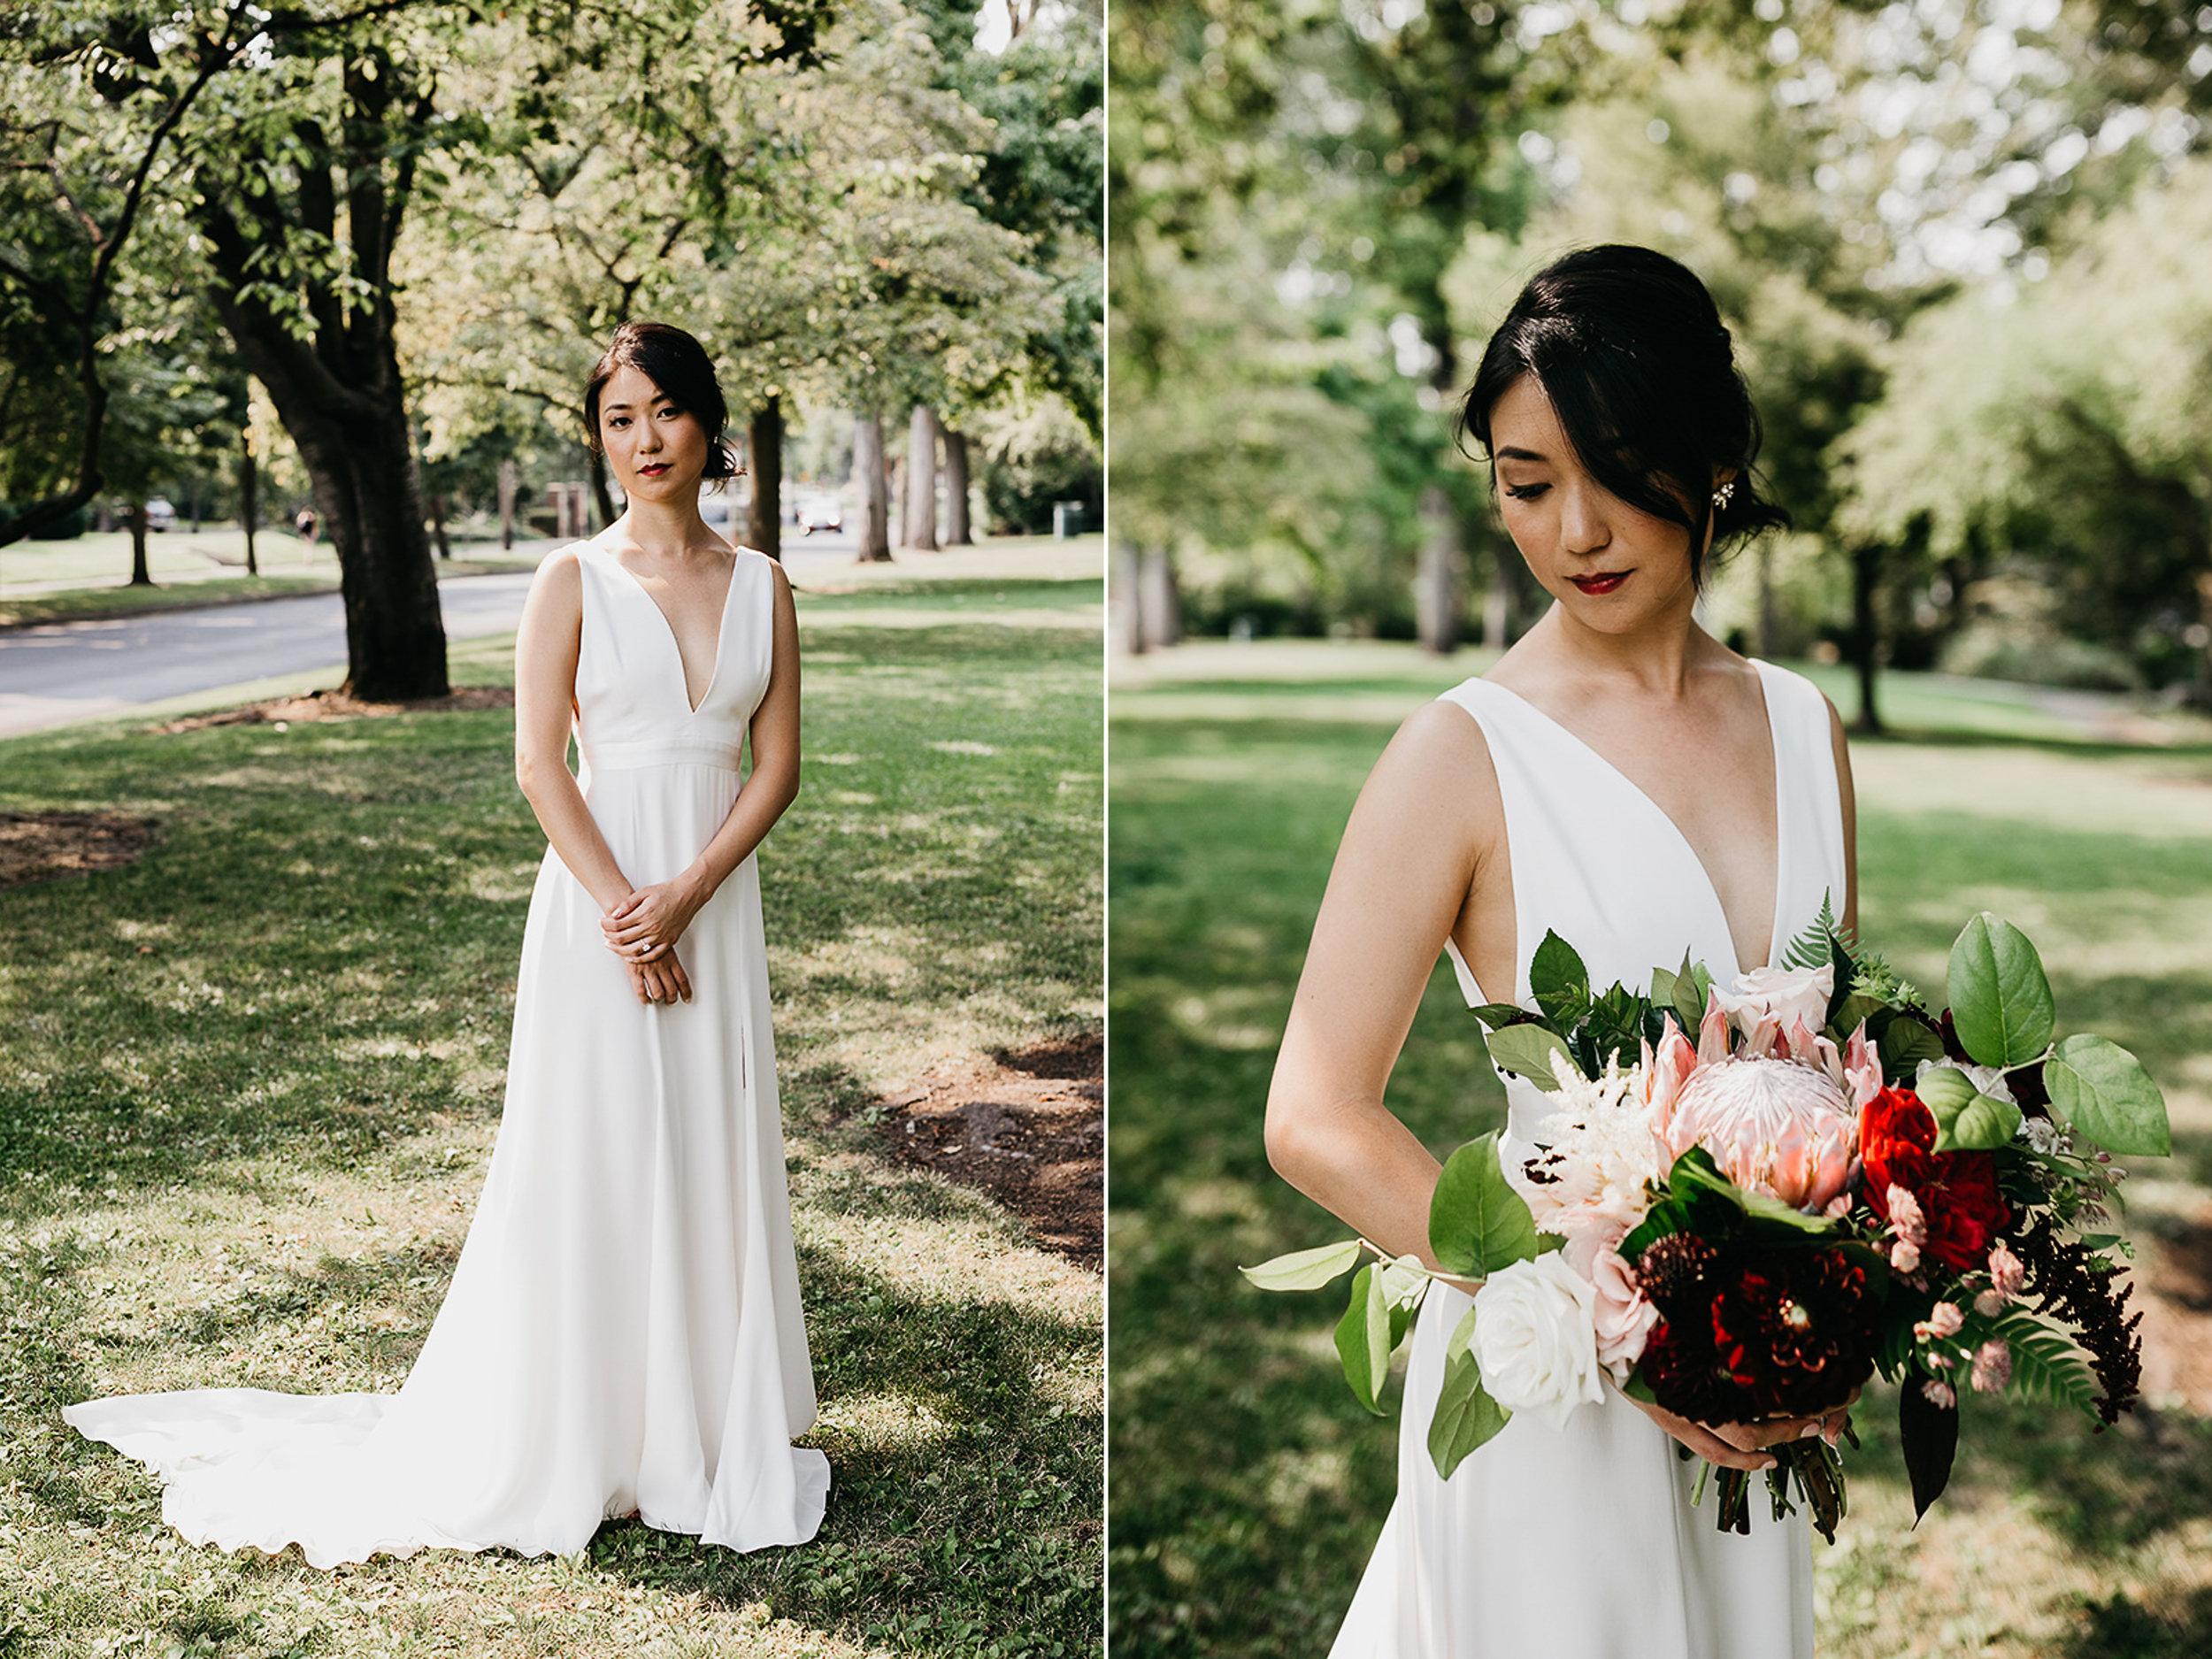 Walla walla - washington - wedding - photographer 015.jpg